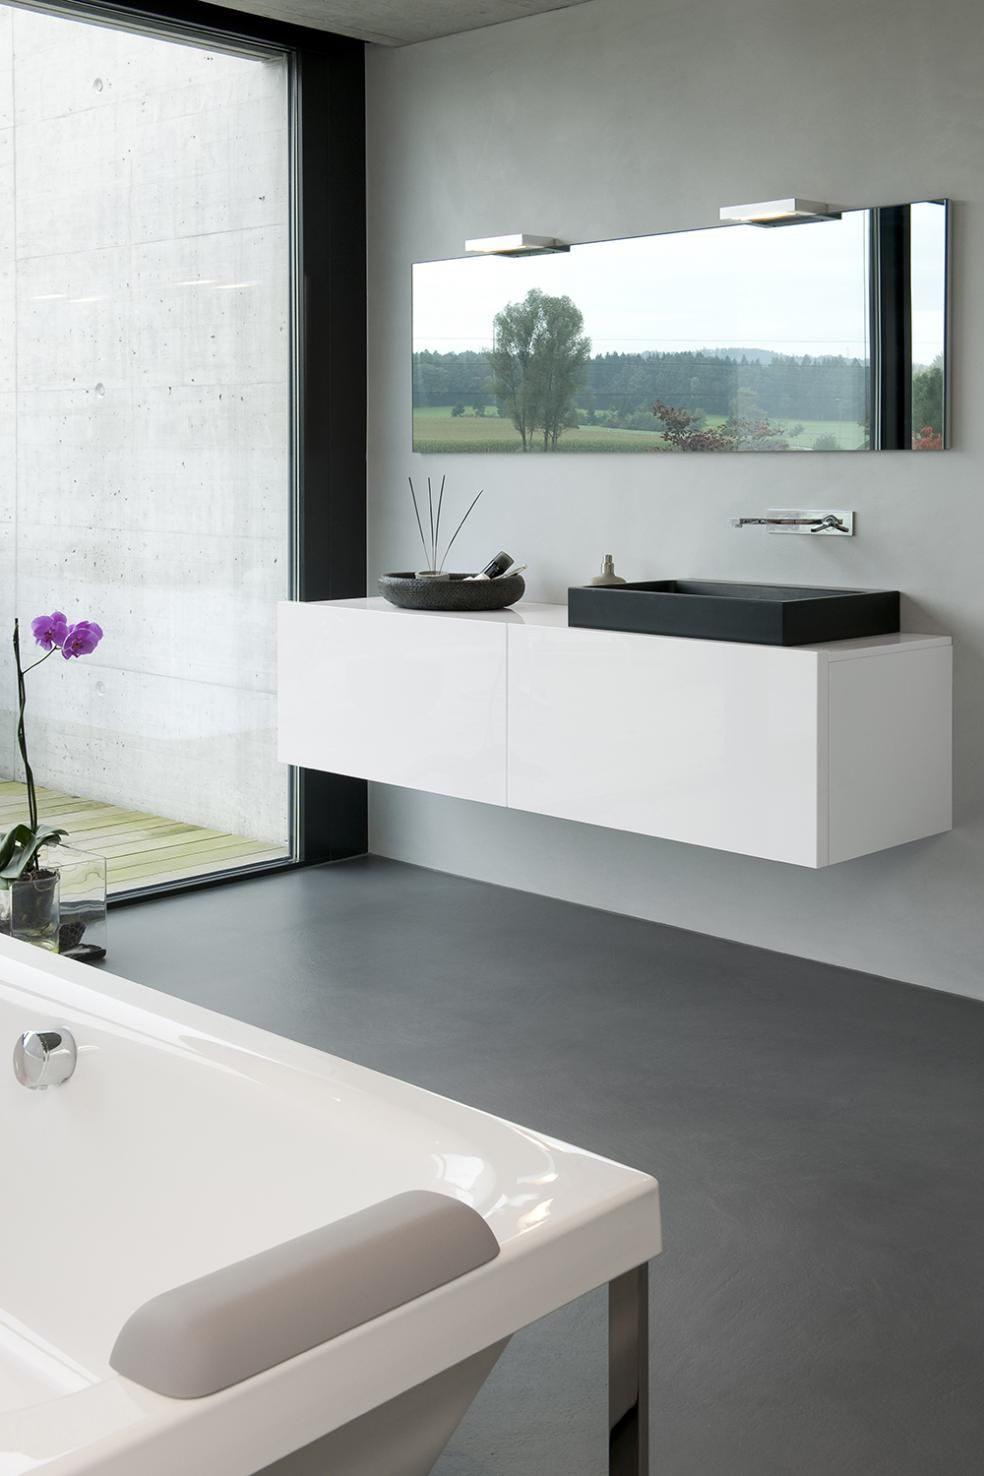 bodarto badezimmergestaltung: boden und wandbelag für badezimmer